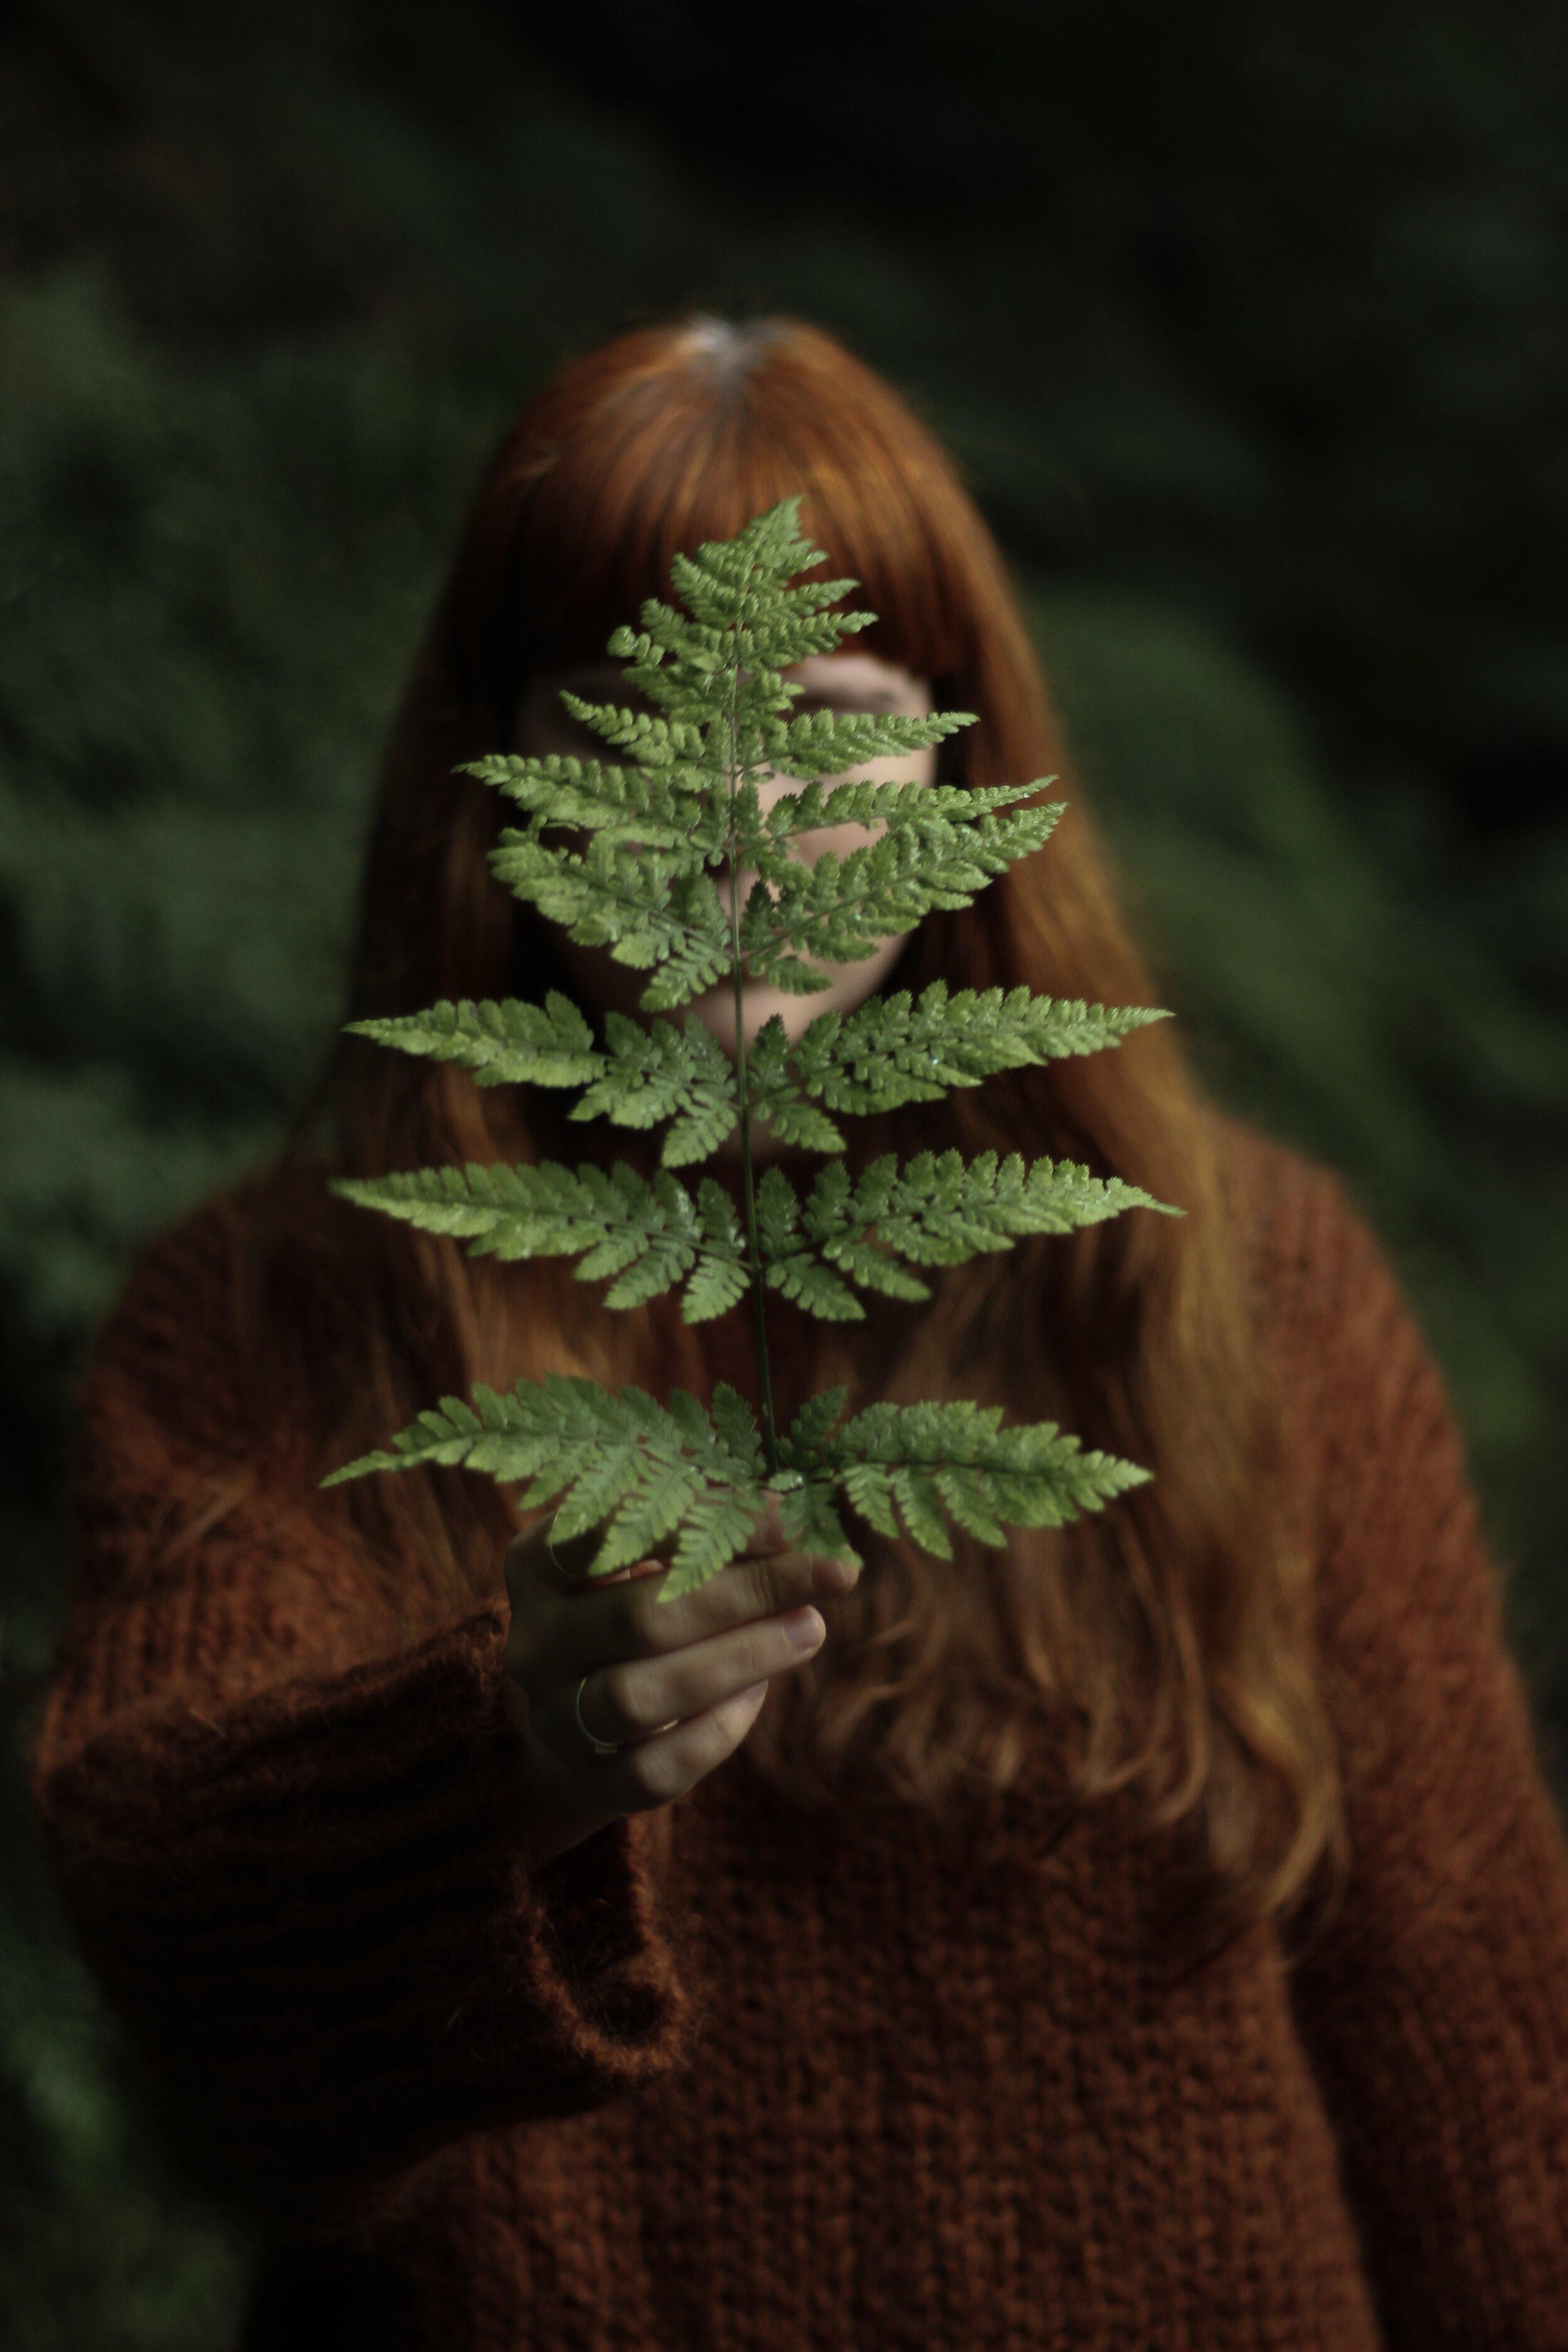 Girl holding fern | Field + Nest